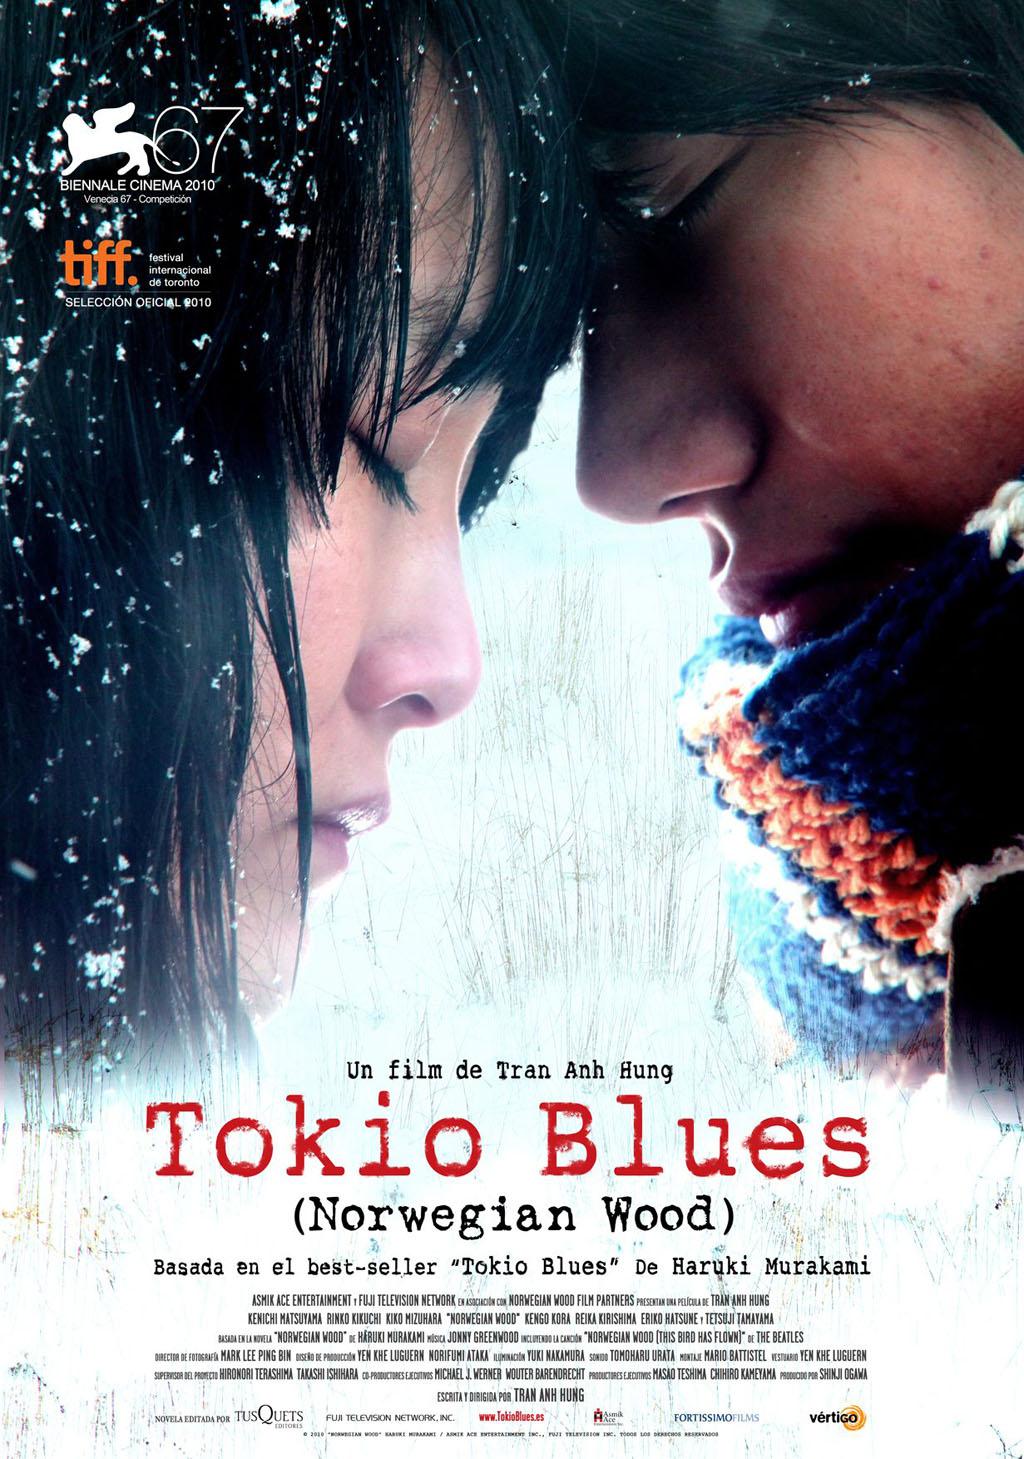 http://4.bp.blogspot.com/-Mje0XoR_LQk/TwNbff2BjFI/AAAAAAAAAWA/gUUmhXEmKDY/s1600/Tokio_Blues-Cartel.jpg